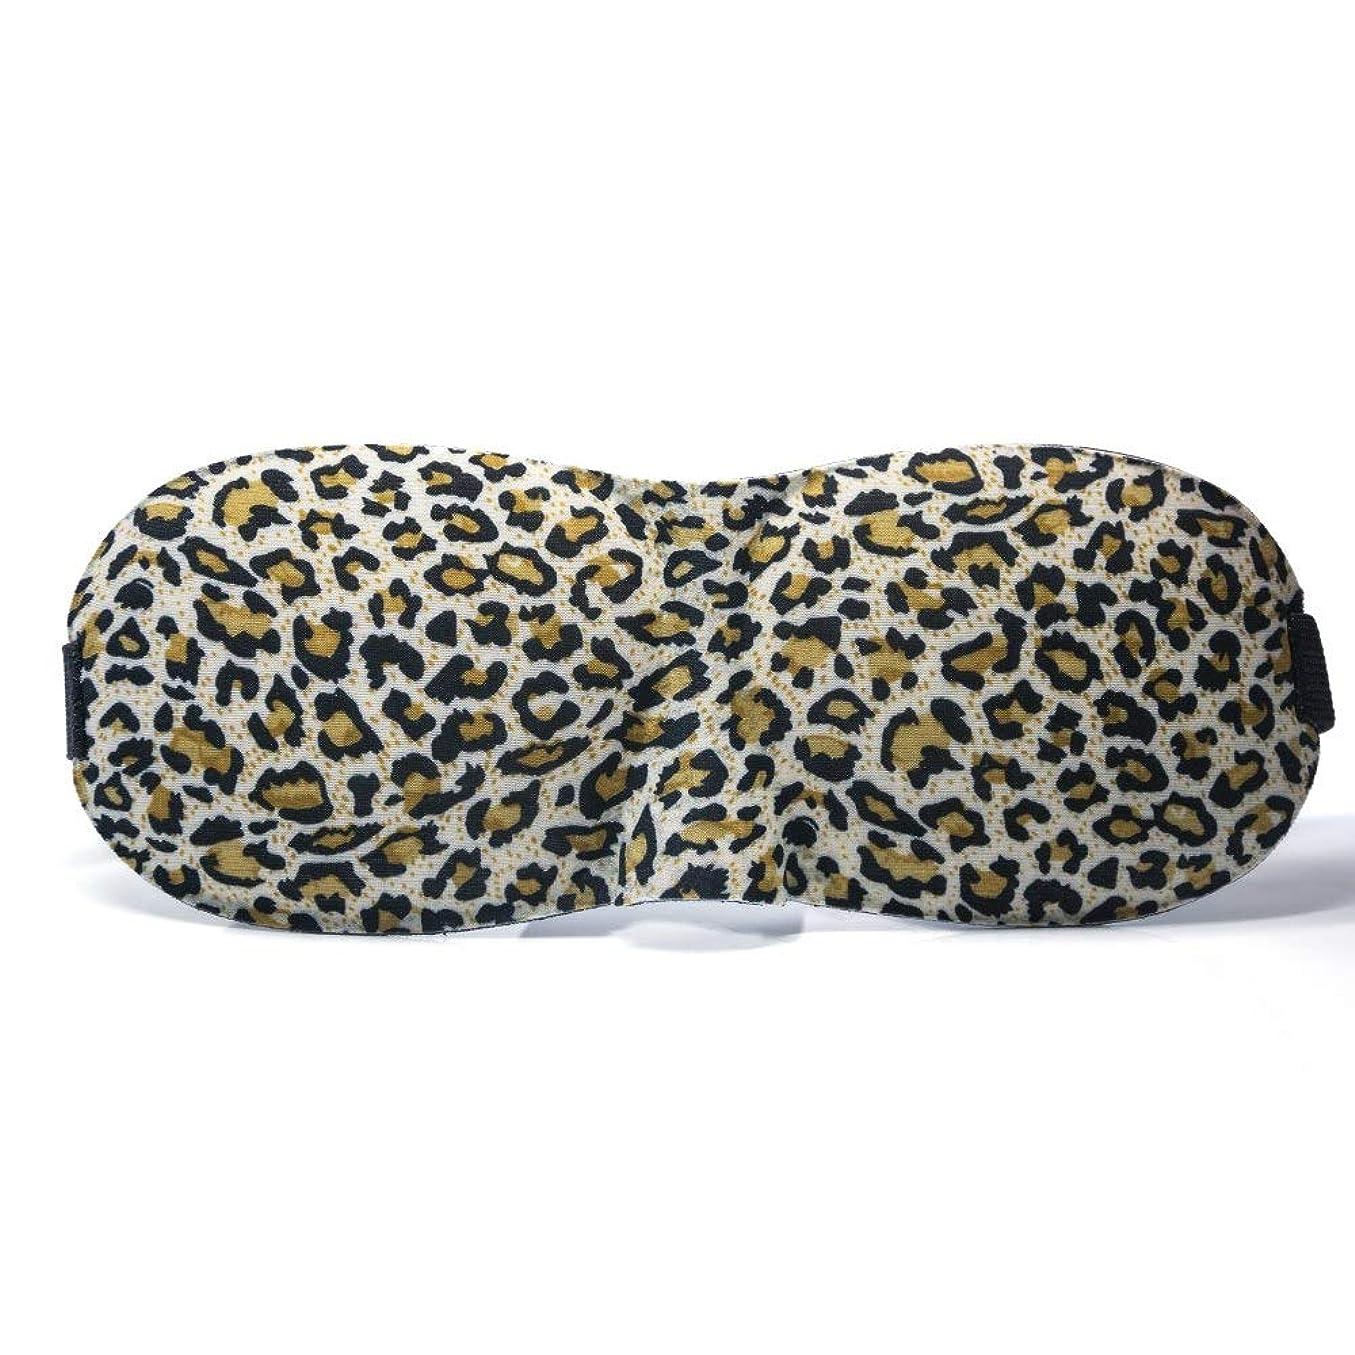 セージ少年バックアップNOTE 3d睡眠マスクソフトポータブル目隠し旅行アイパッチ自然睡眠アイシェードカバーシェードアイパッチコットンブルーブラックC 1372